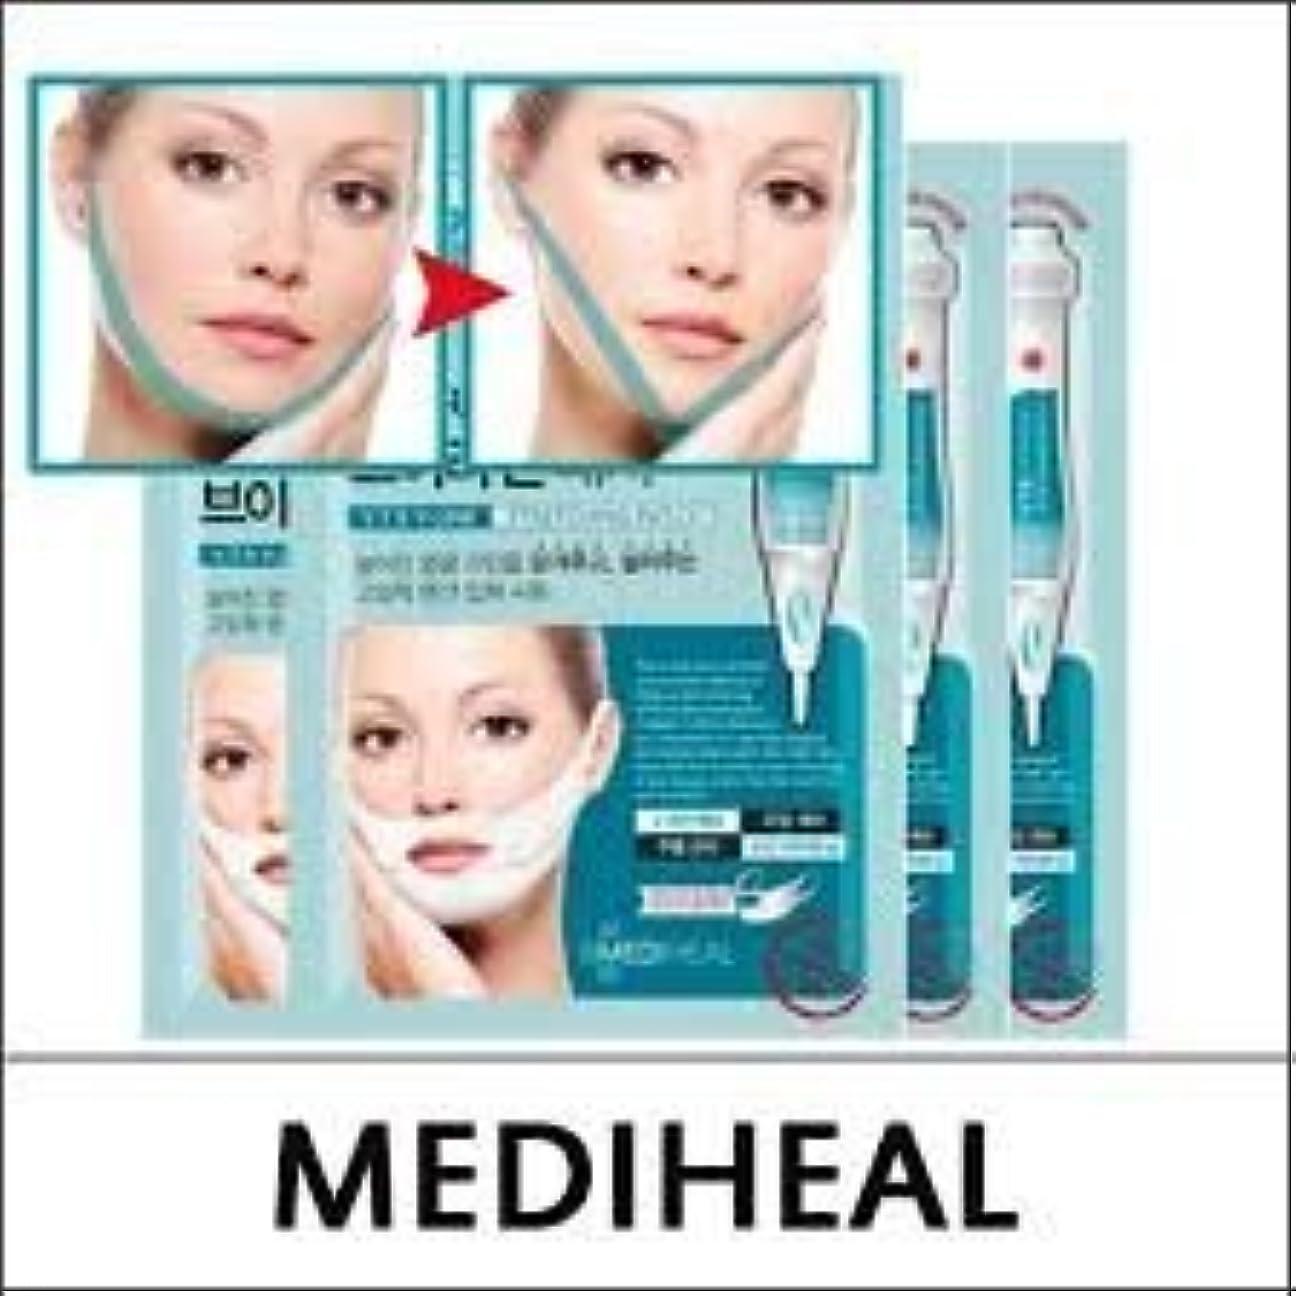 サミット必須ホイッスルMEDIHEAL VTR V Stretching Patch 20mlX4pcs/A.R.P Neck Patch/100% Authentic Korea Cosmetic (VTR V-Line Stretching...